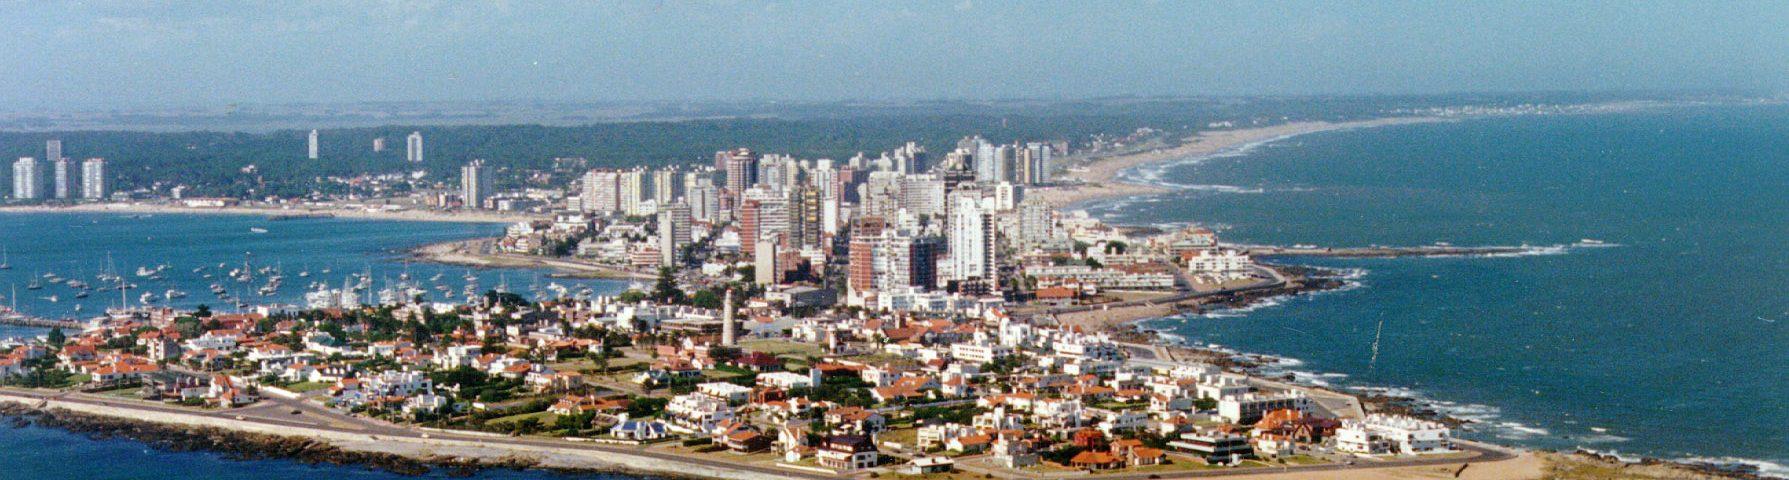 Alquiler autos punta del este Uruguay